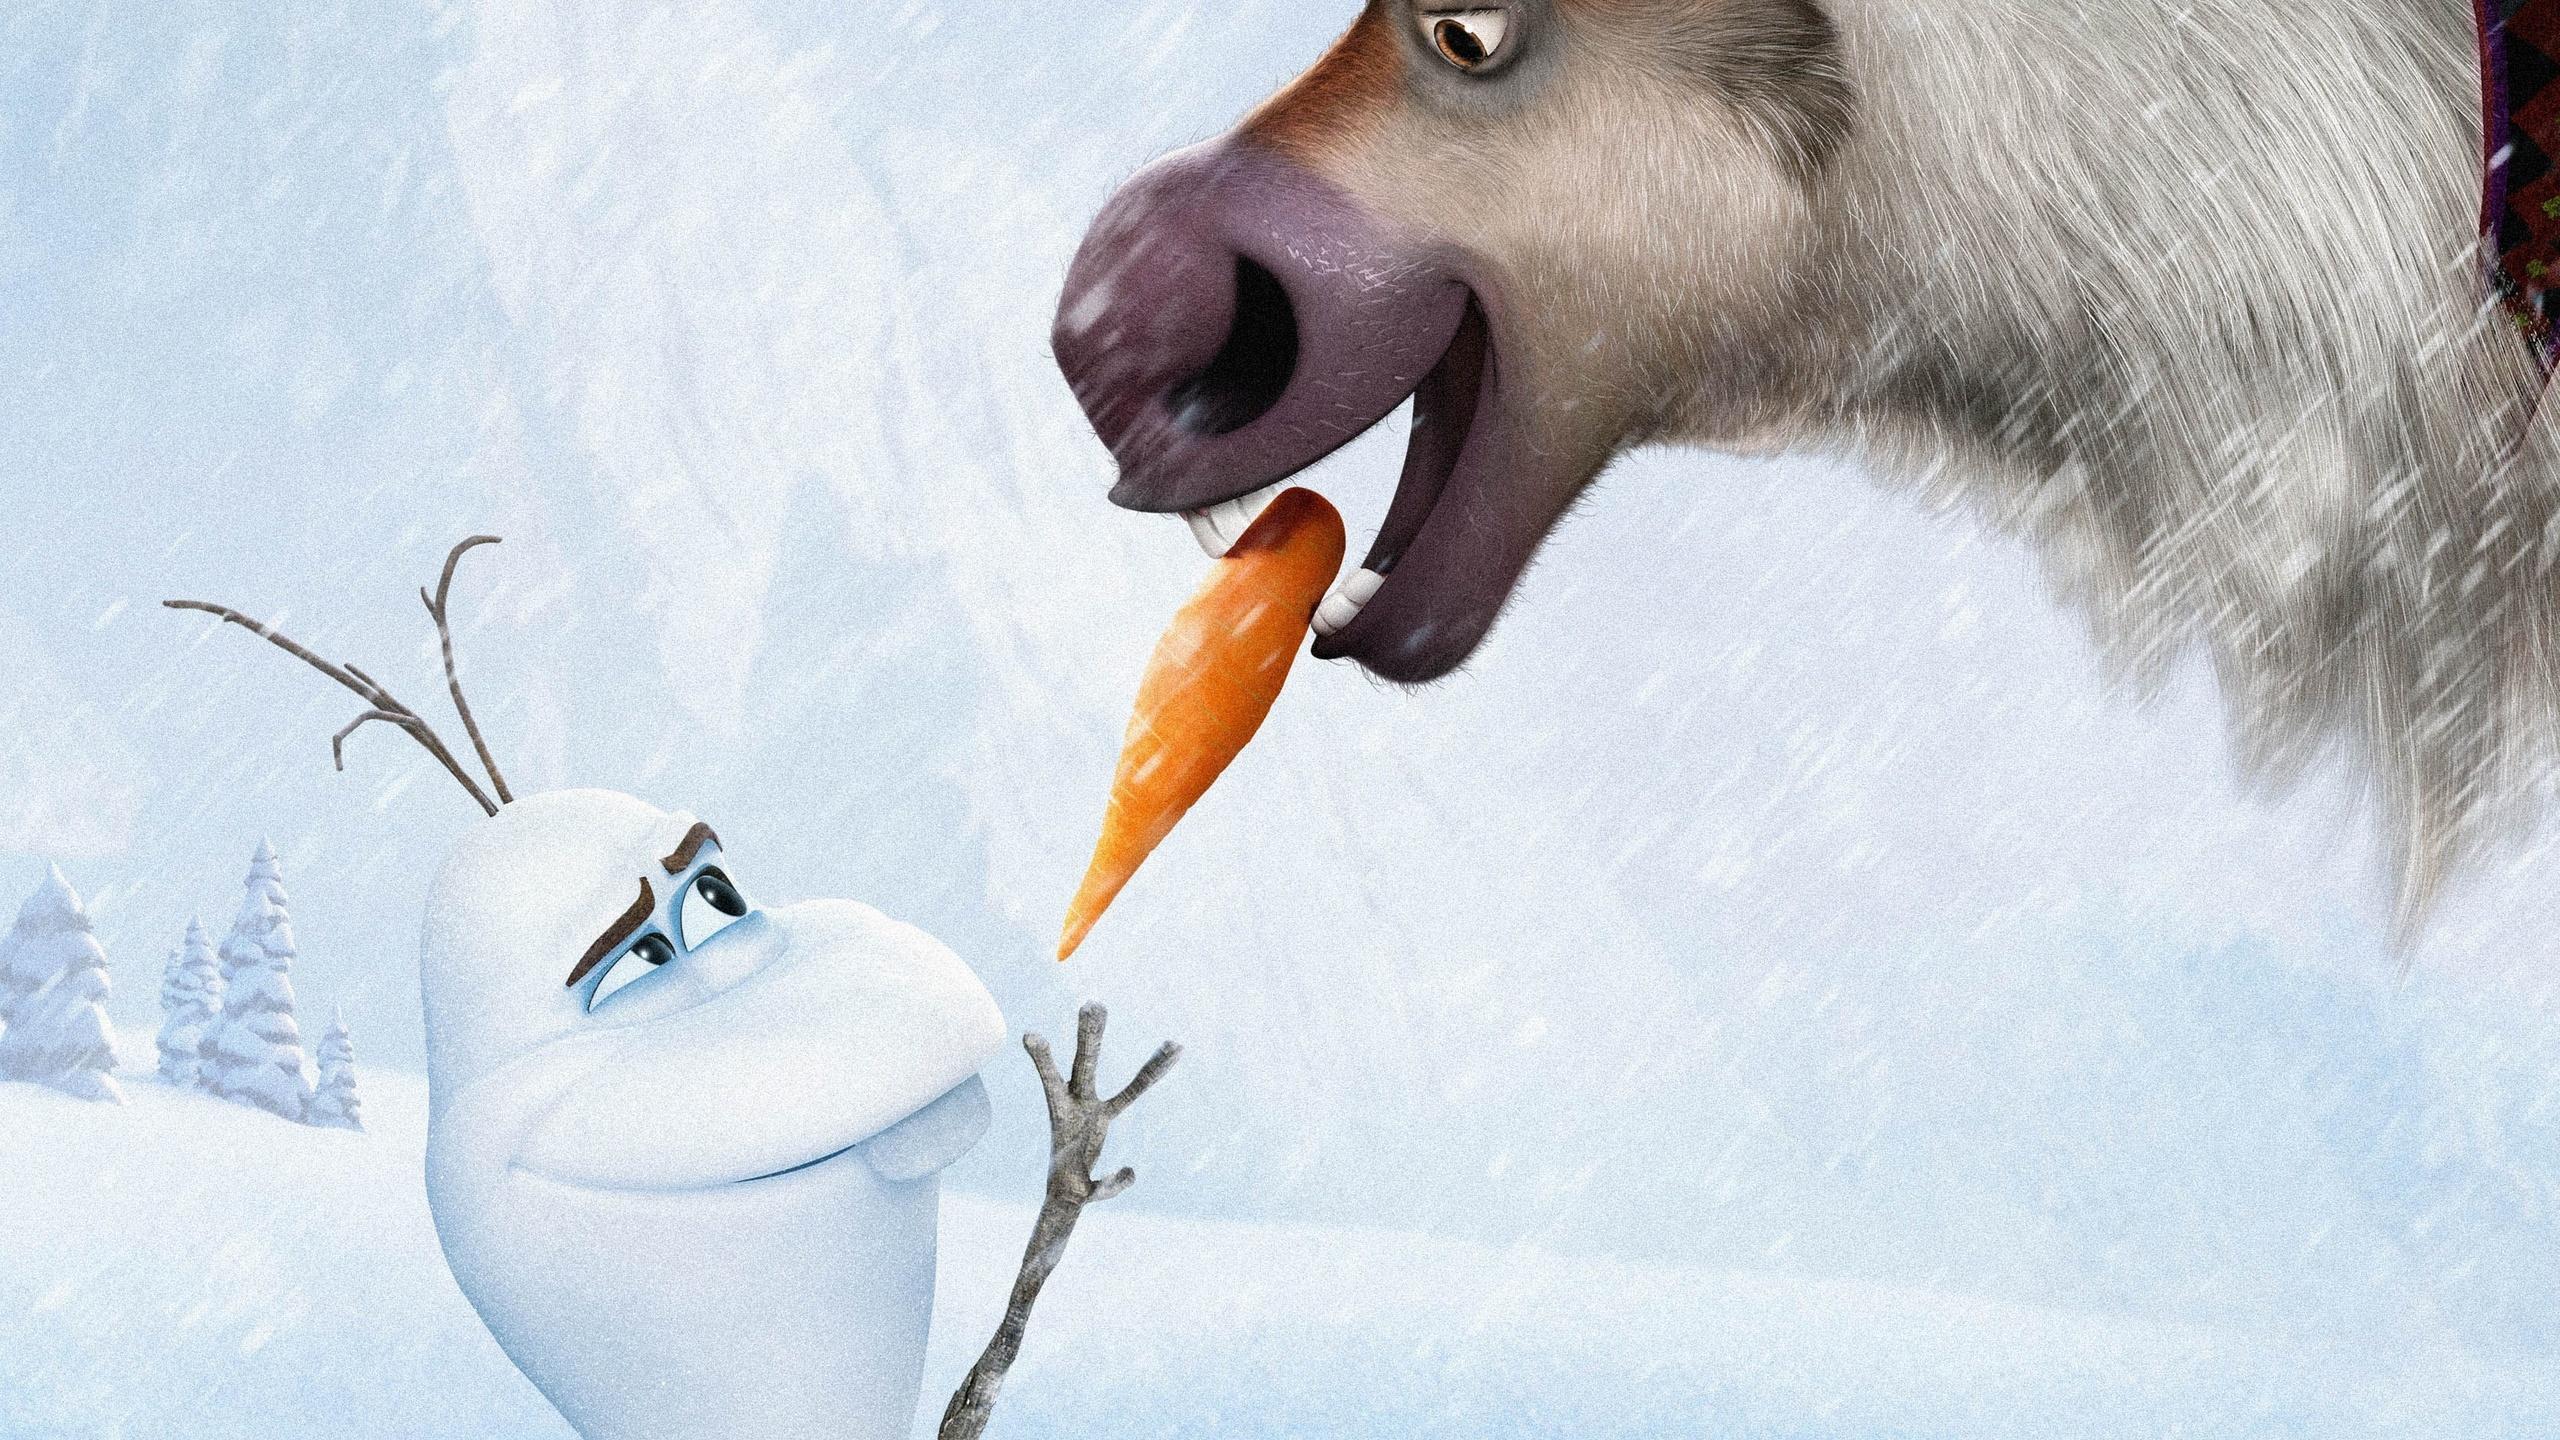 frozen, walt disney, 2013, arendelle, sven, olaf, холодное сердце, уолт дисней, анимация, эрендель, королевство, снег, лёд, олень, свен, снеговик, олаф, морковка